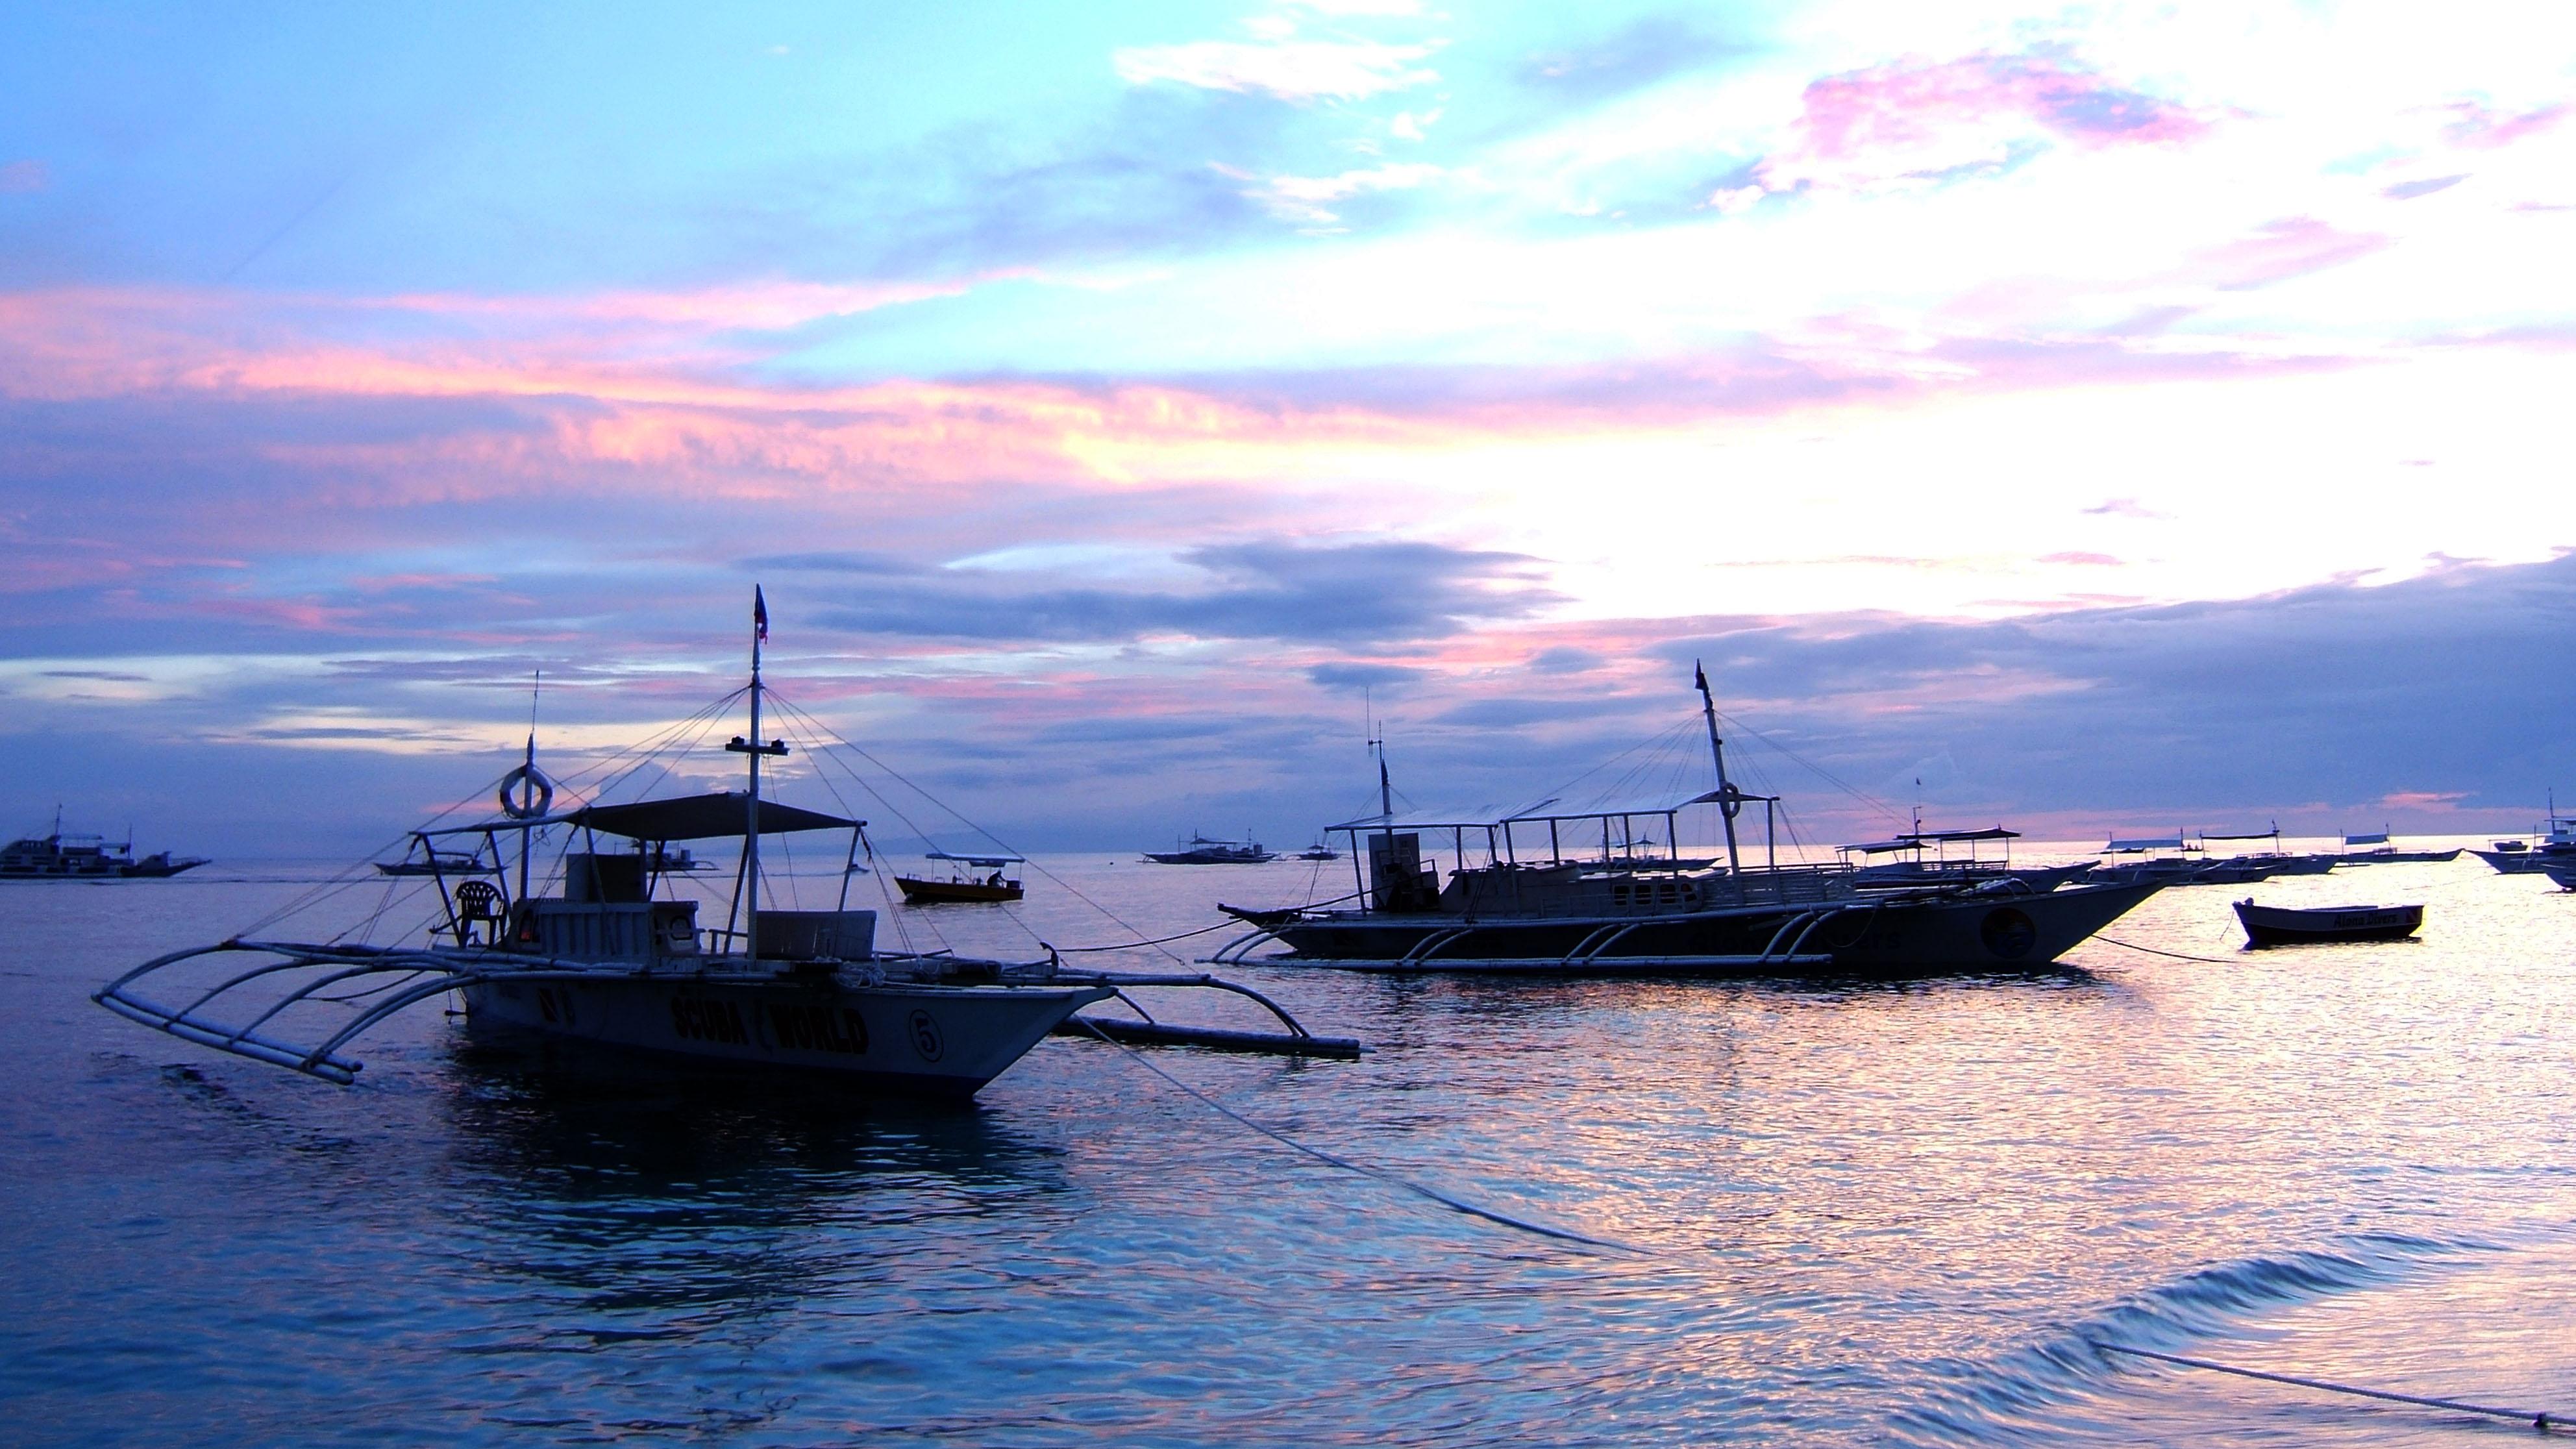 Sunset Philippines Cebu Bahoal 04